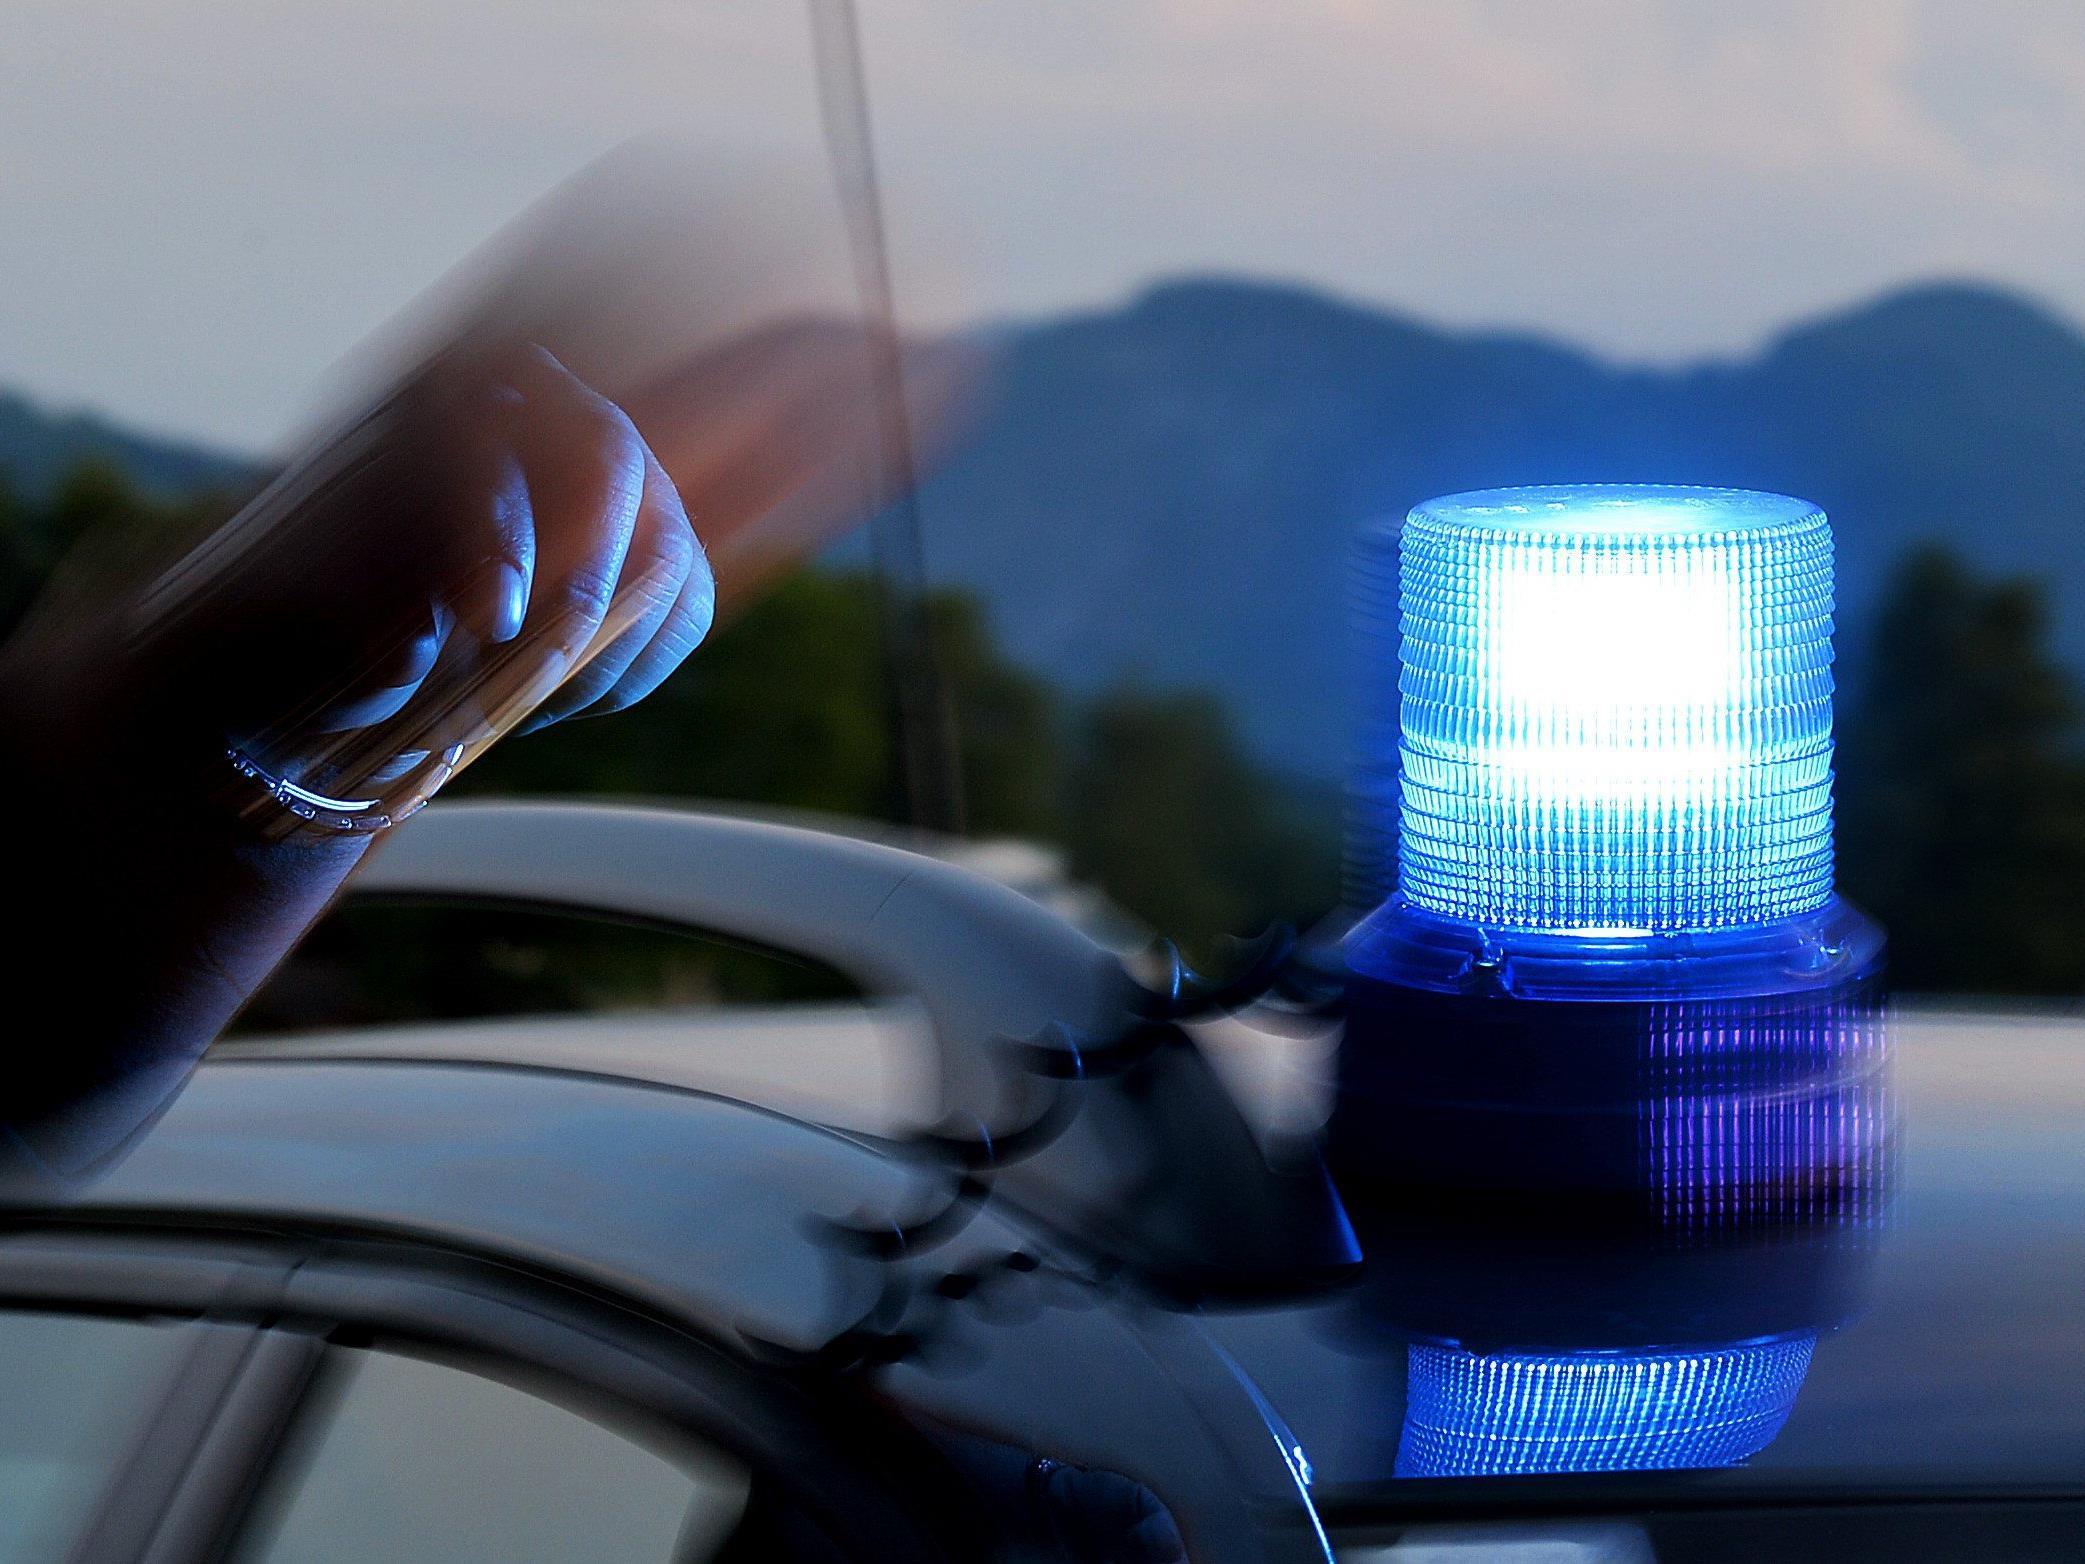 Ein Unfall auf der A1 in Niederösterreich forderte am Dienstag zwei Todesopfer.